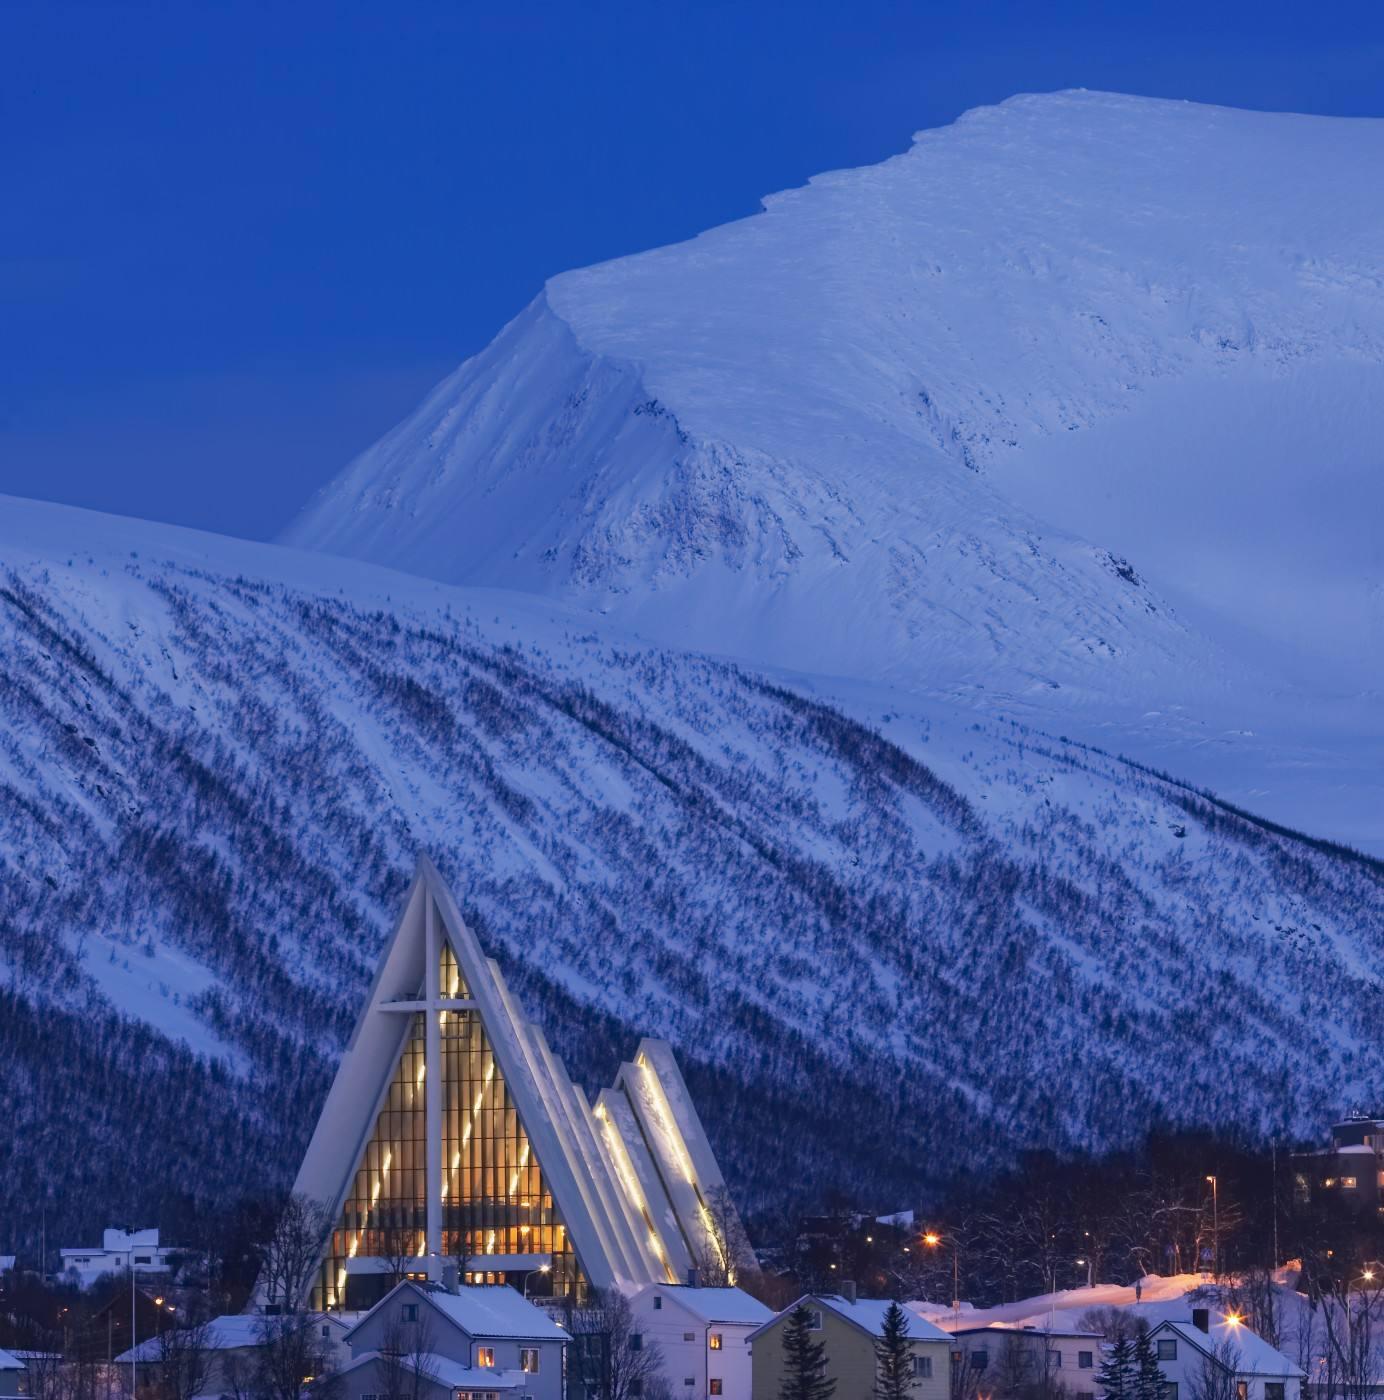 Tromso Picture by Baard Loeken_www.nordnorge.com